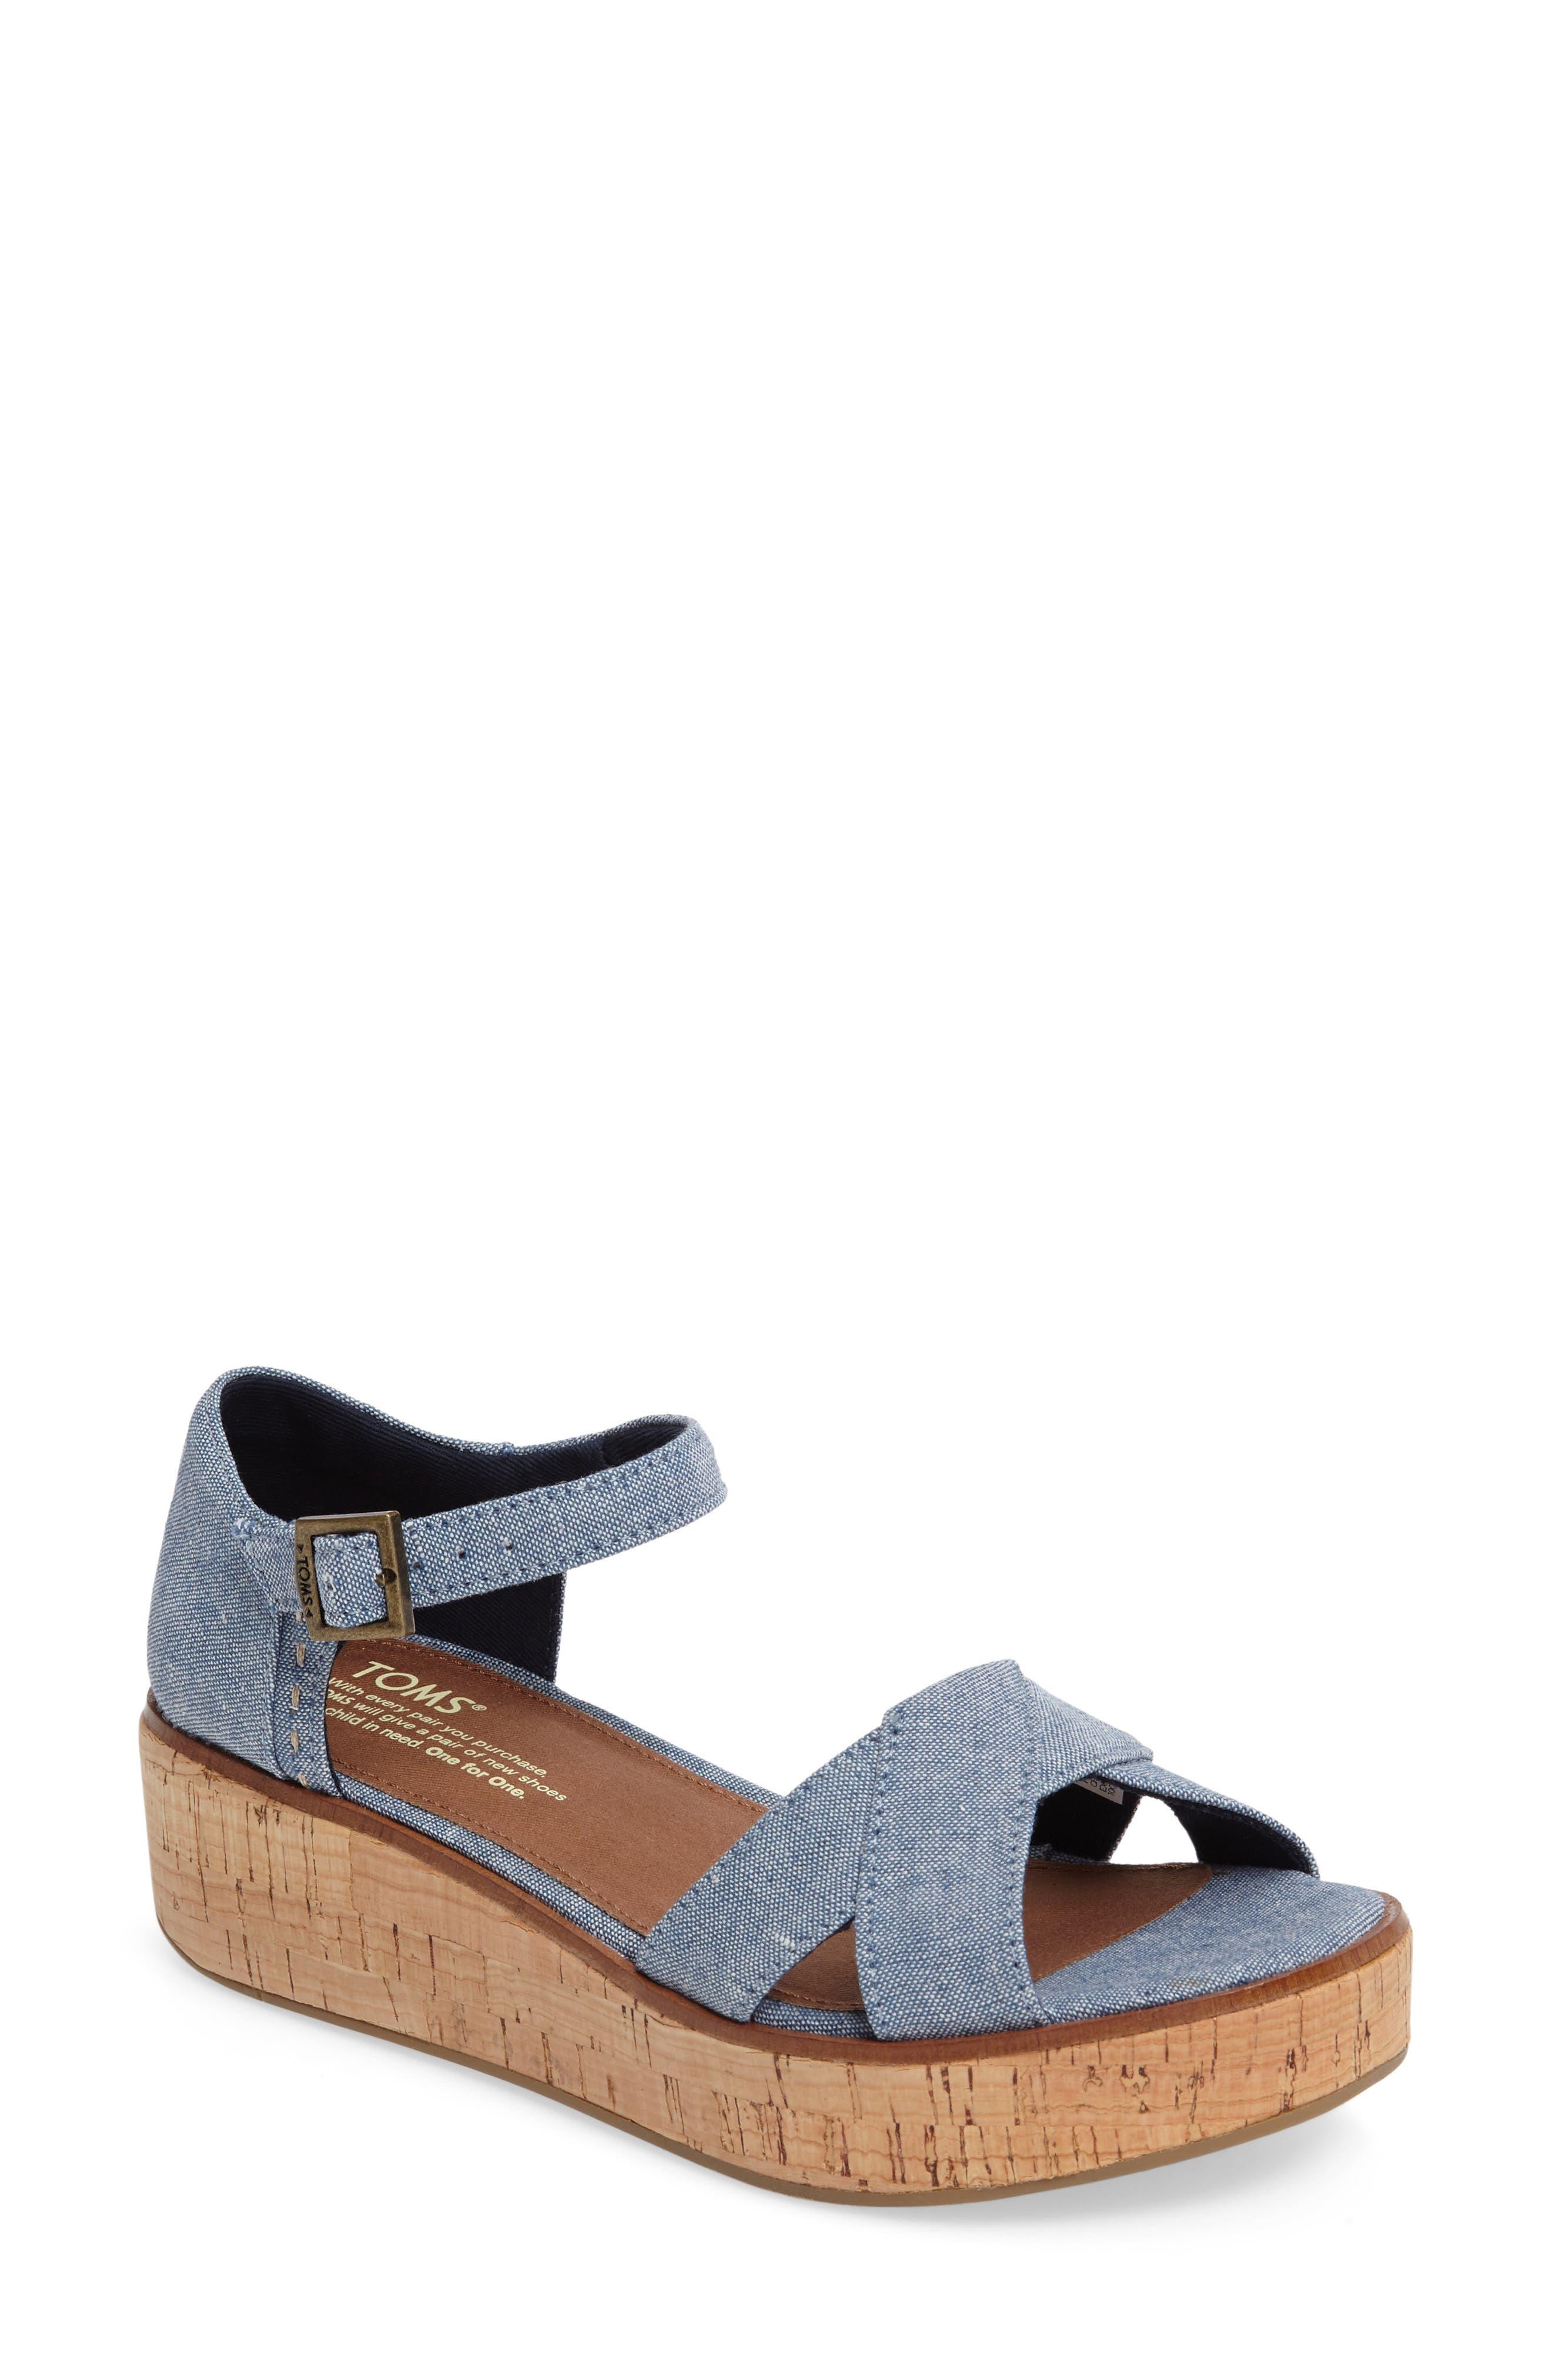 Black wedge sandals 2 inch heel - Black Wedge Sandals 2 Inch Heel 49